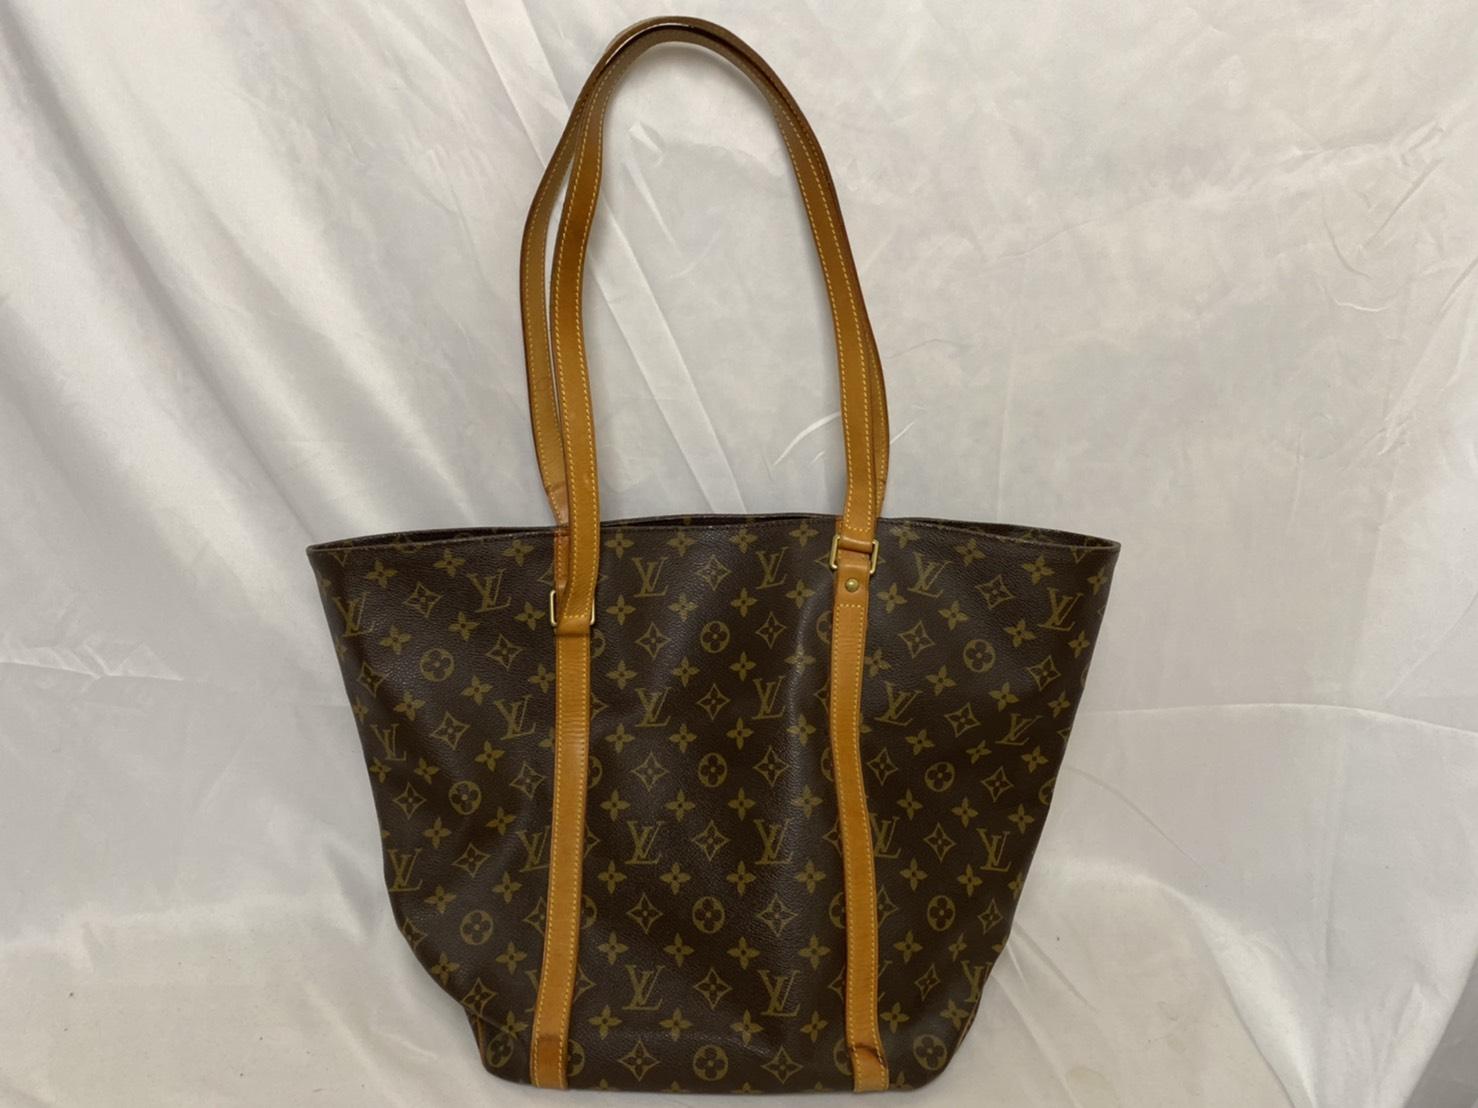 ブランド「ルイ・ヴィトン」商品名「ショッピング・バッグ」カラー「モノグラム」